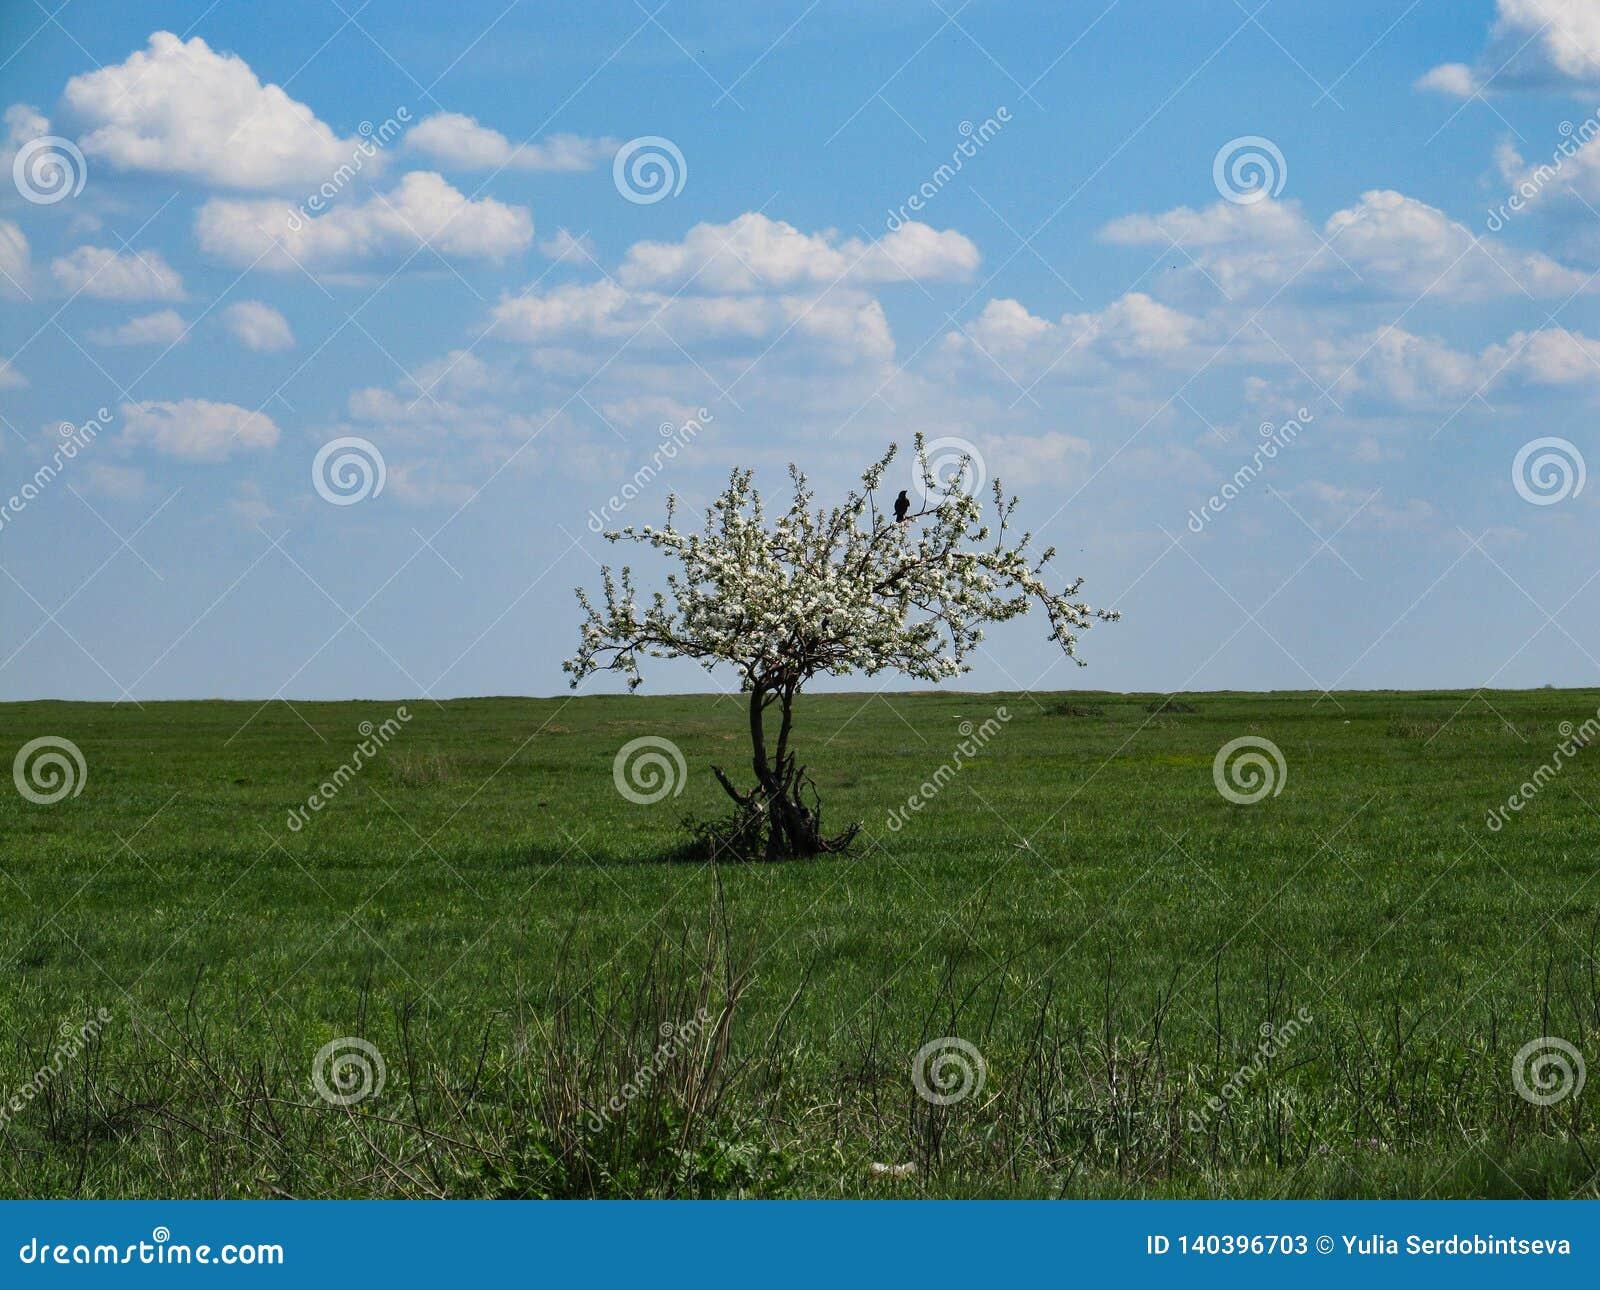 Een zwarte vogel zit op een tak van een eenzame die boom met witte bloemen in het midden van een eindeloze groene weide tegen wor